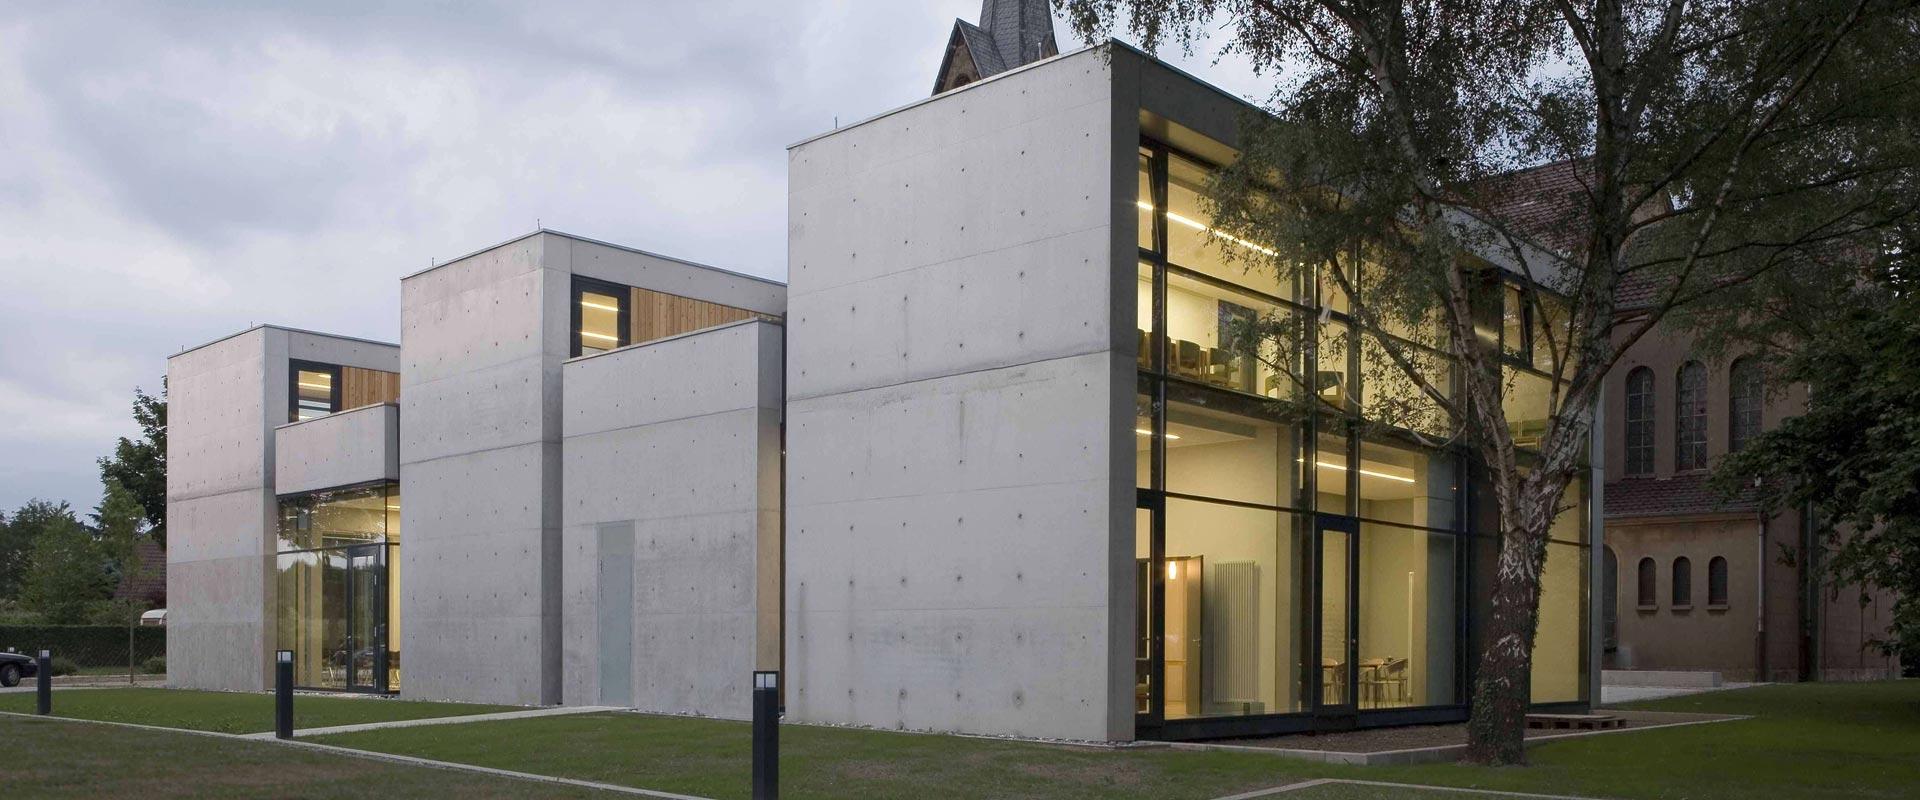 bathe+reber_gemeindehaus_zion03